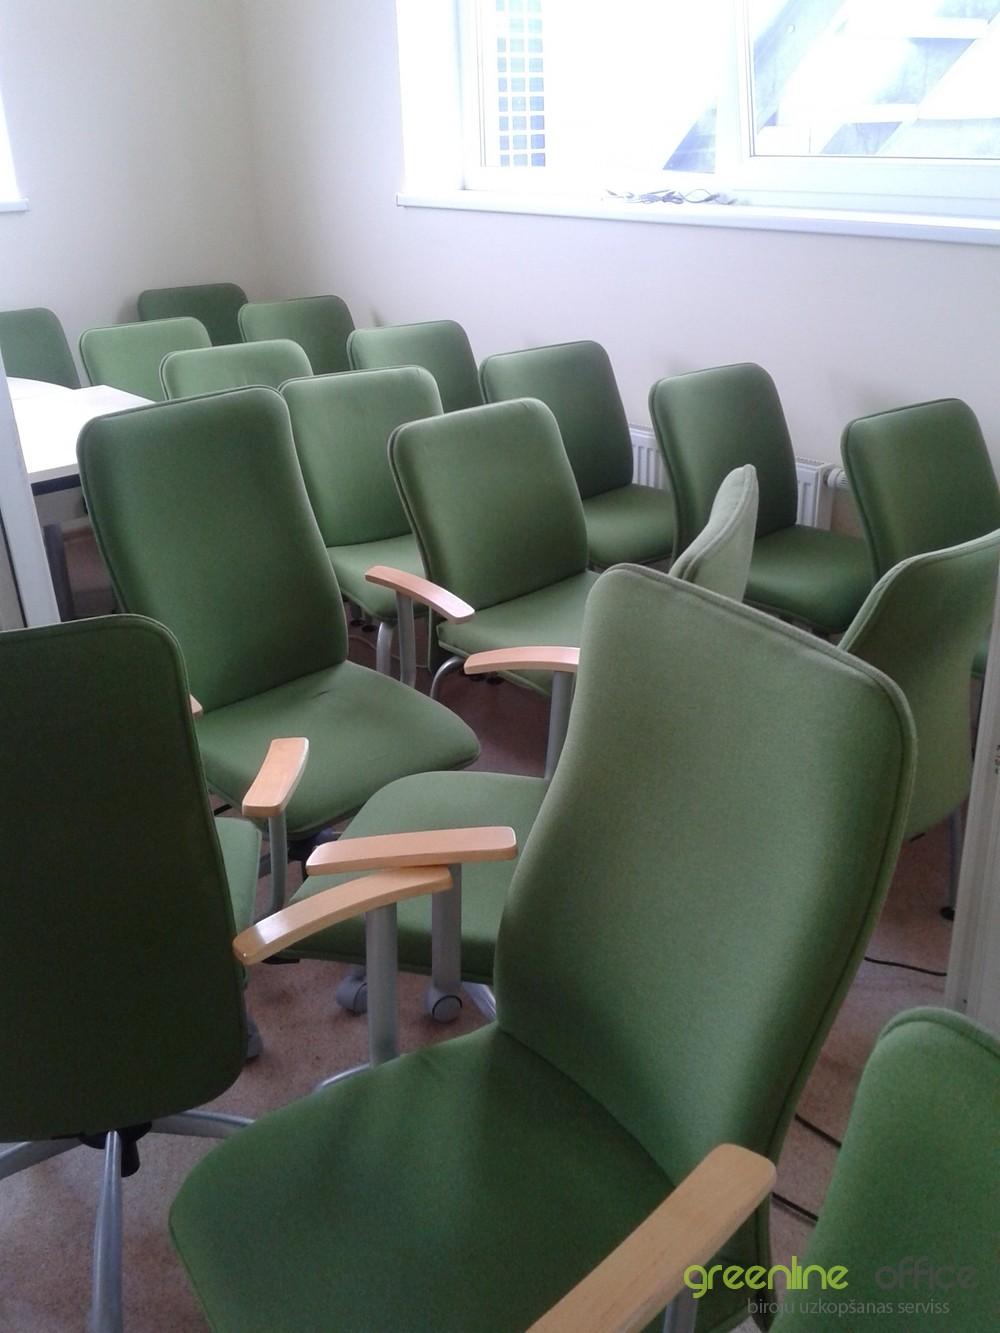 Biroja krēslu tīrīšana